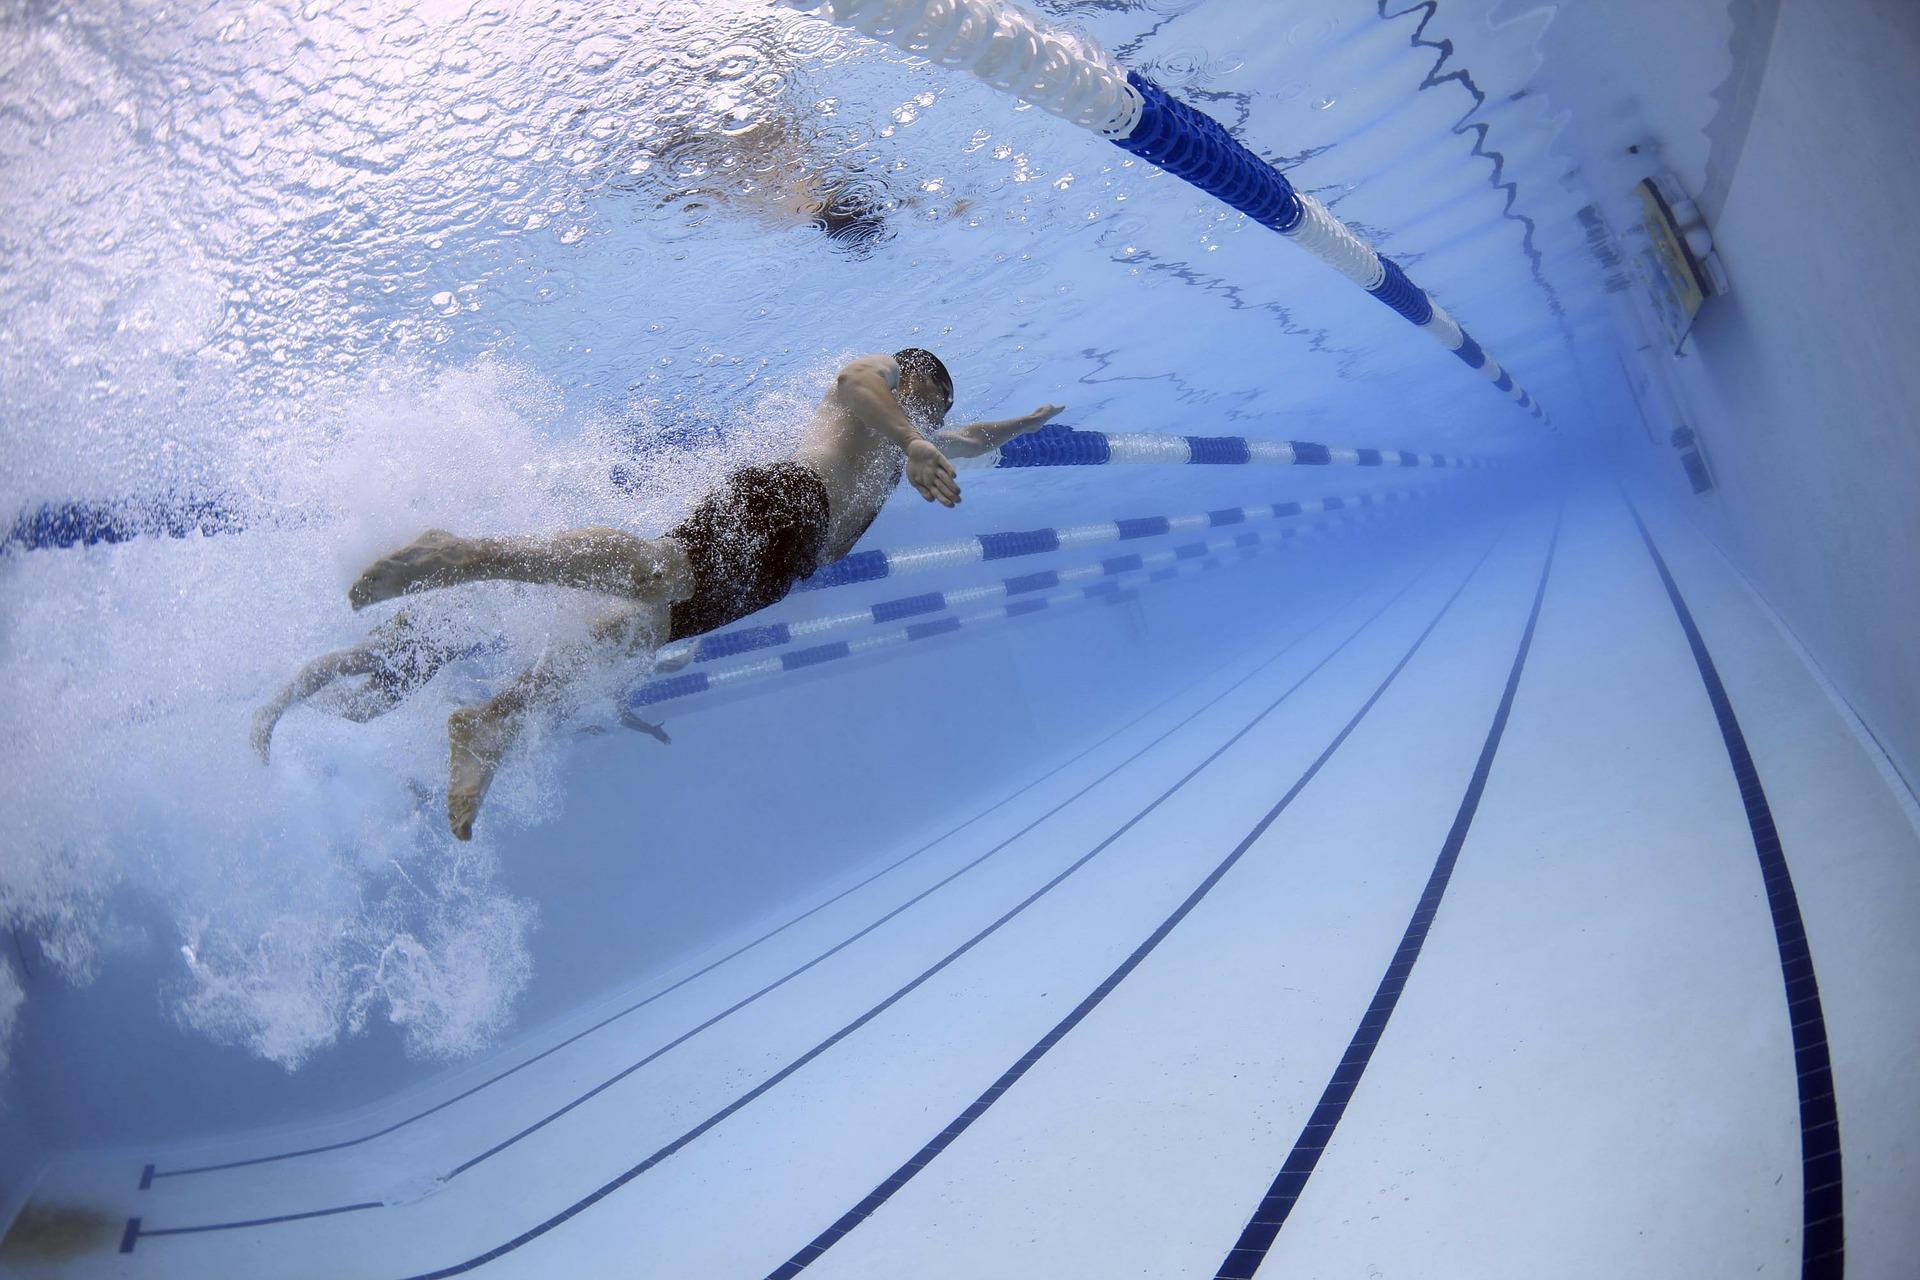 プール, スイミング, 競争, スイマー, 選手, オリンピック スイミング プール - HD の壁紙 - 教授-falken.com